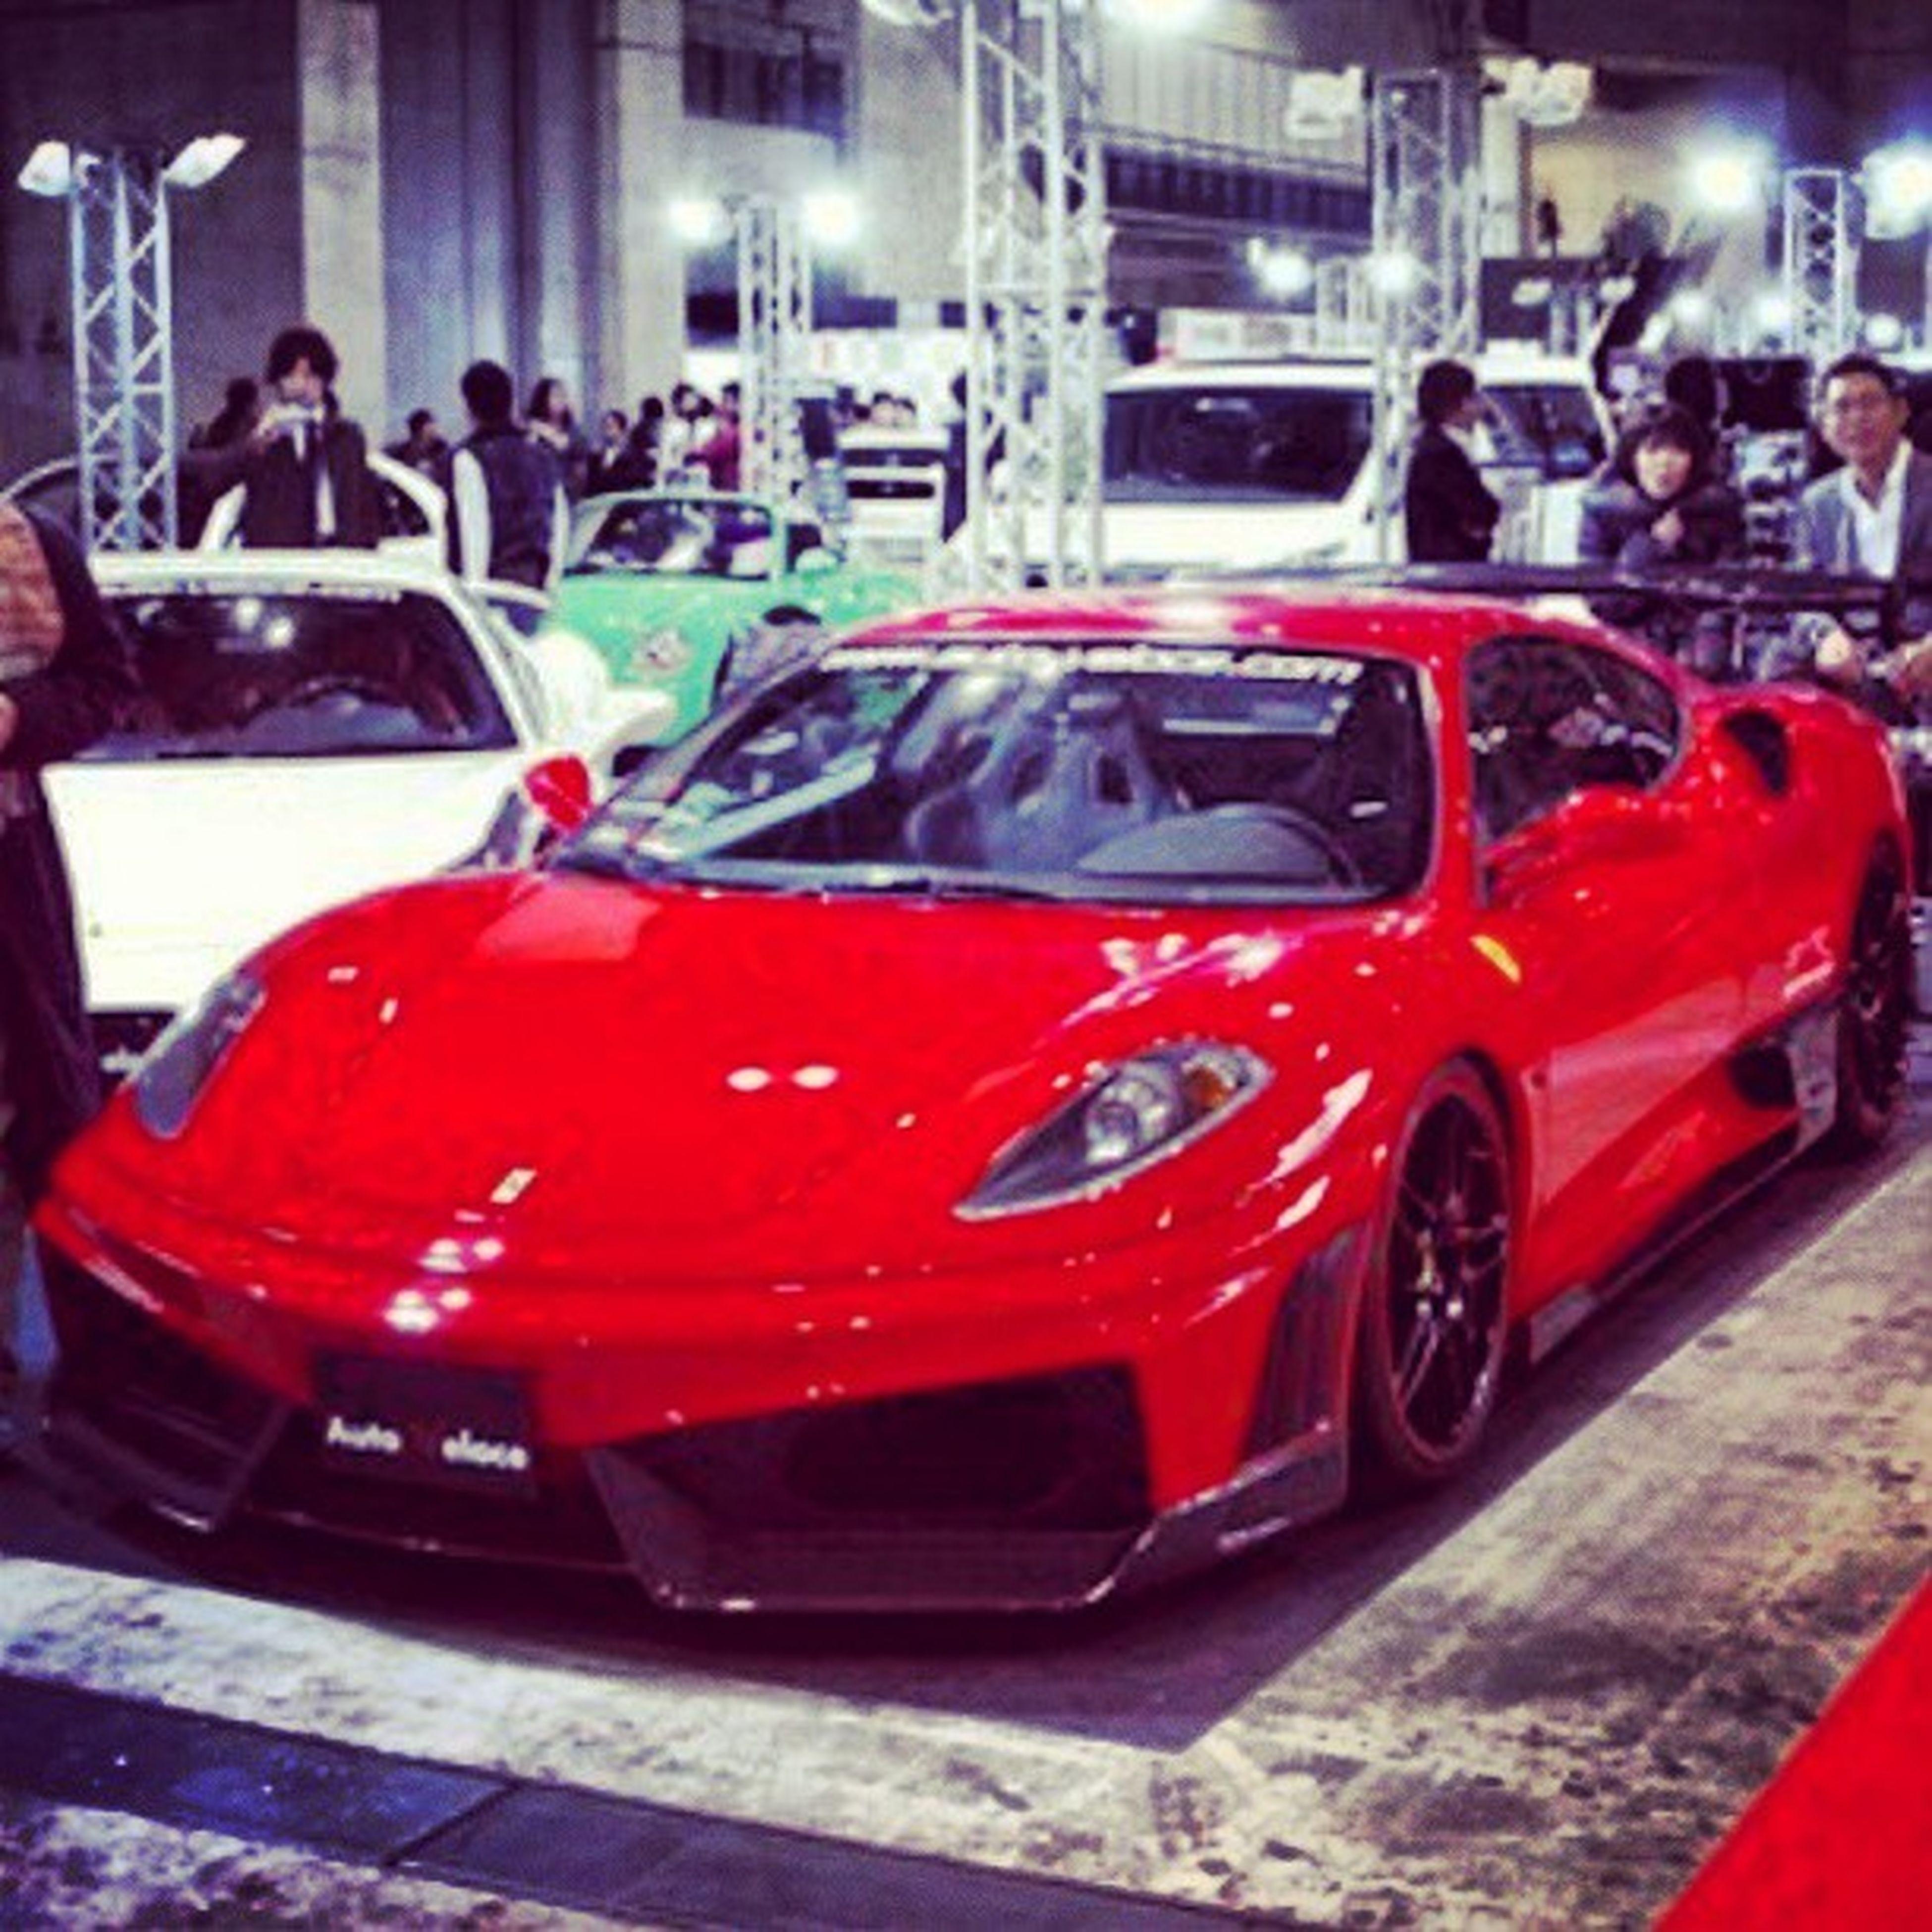 Ferrari FerrariEnzo FerrariGT Ferraricalifornia